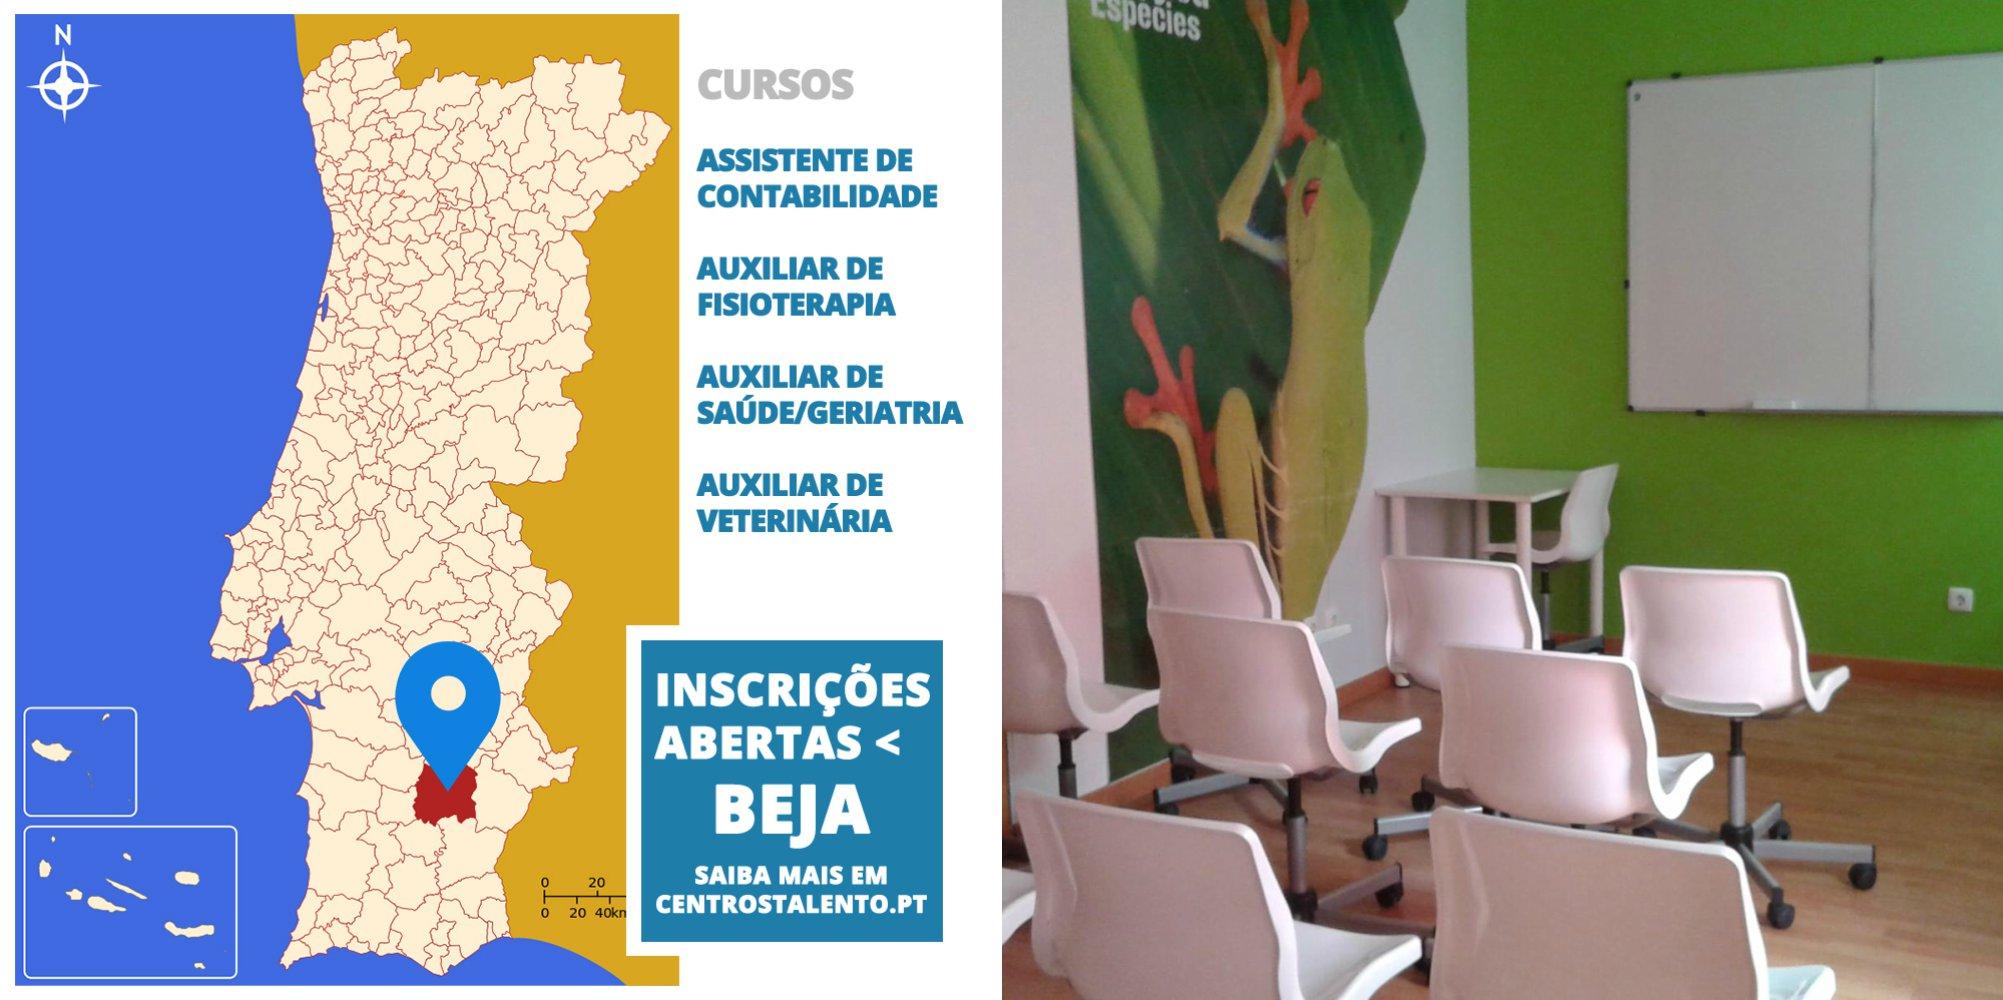 Inscrições abertas em Beja